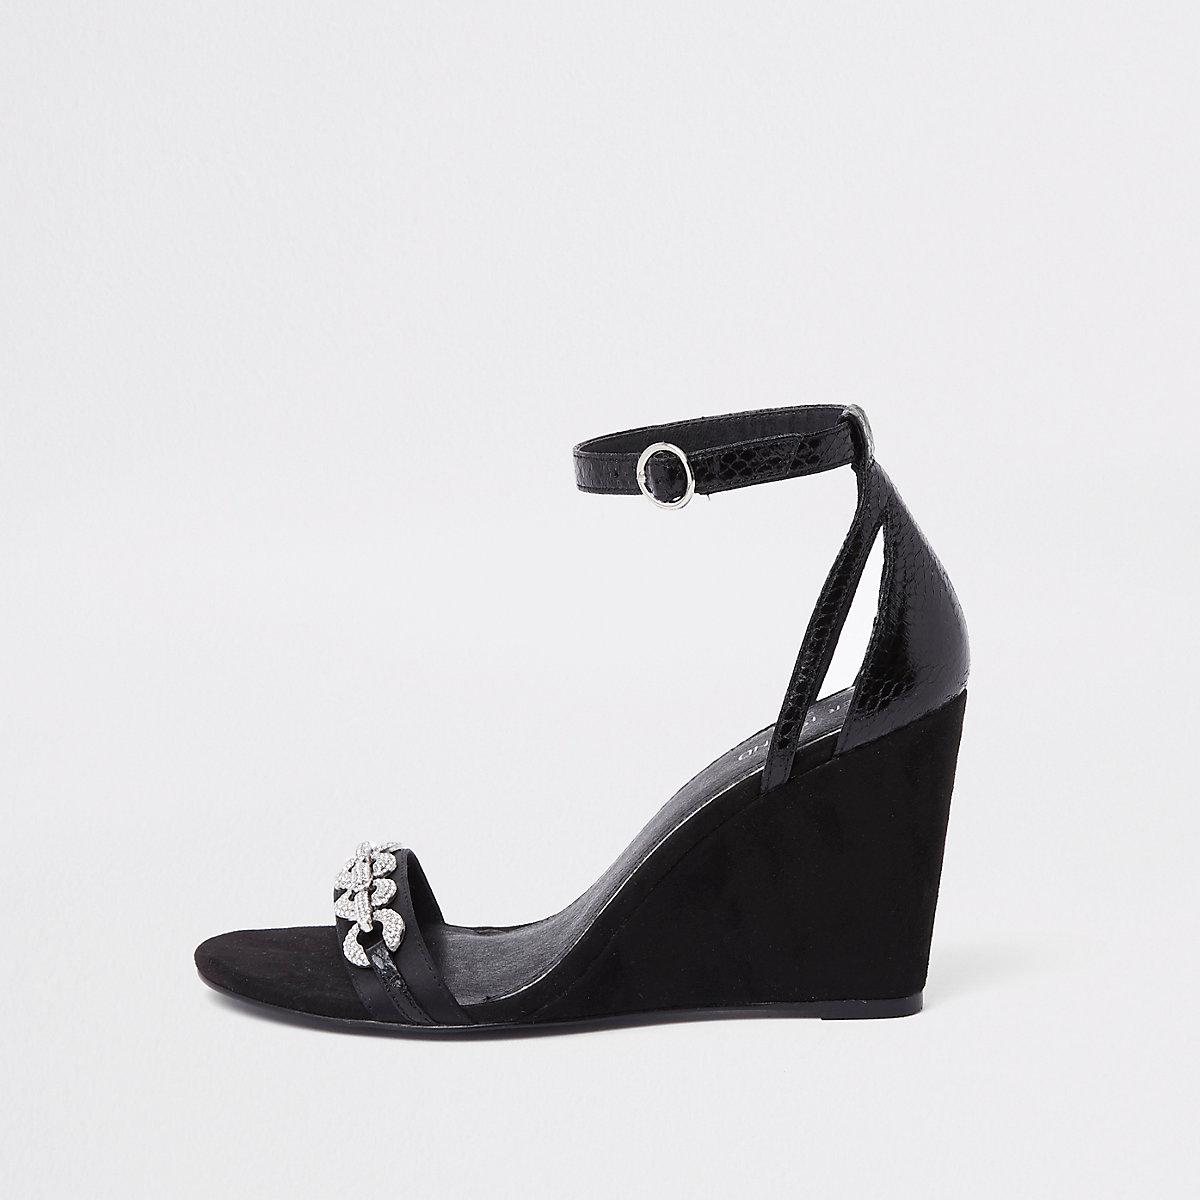 Zwarte schoenen met sleehak en siersteentjes